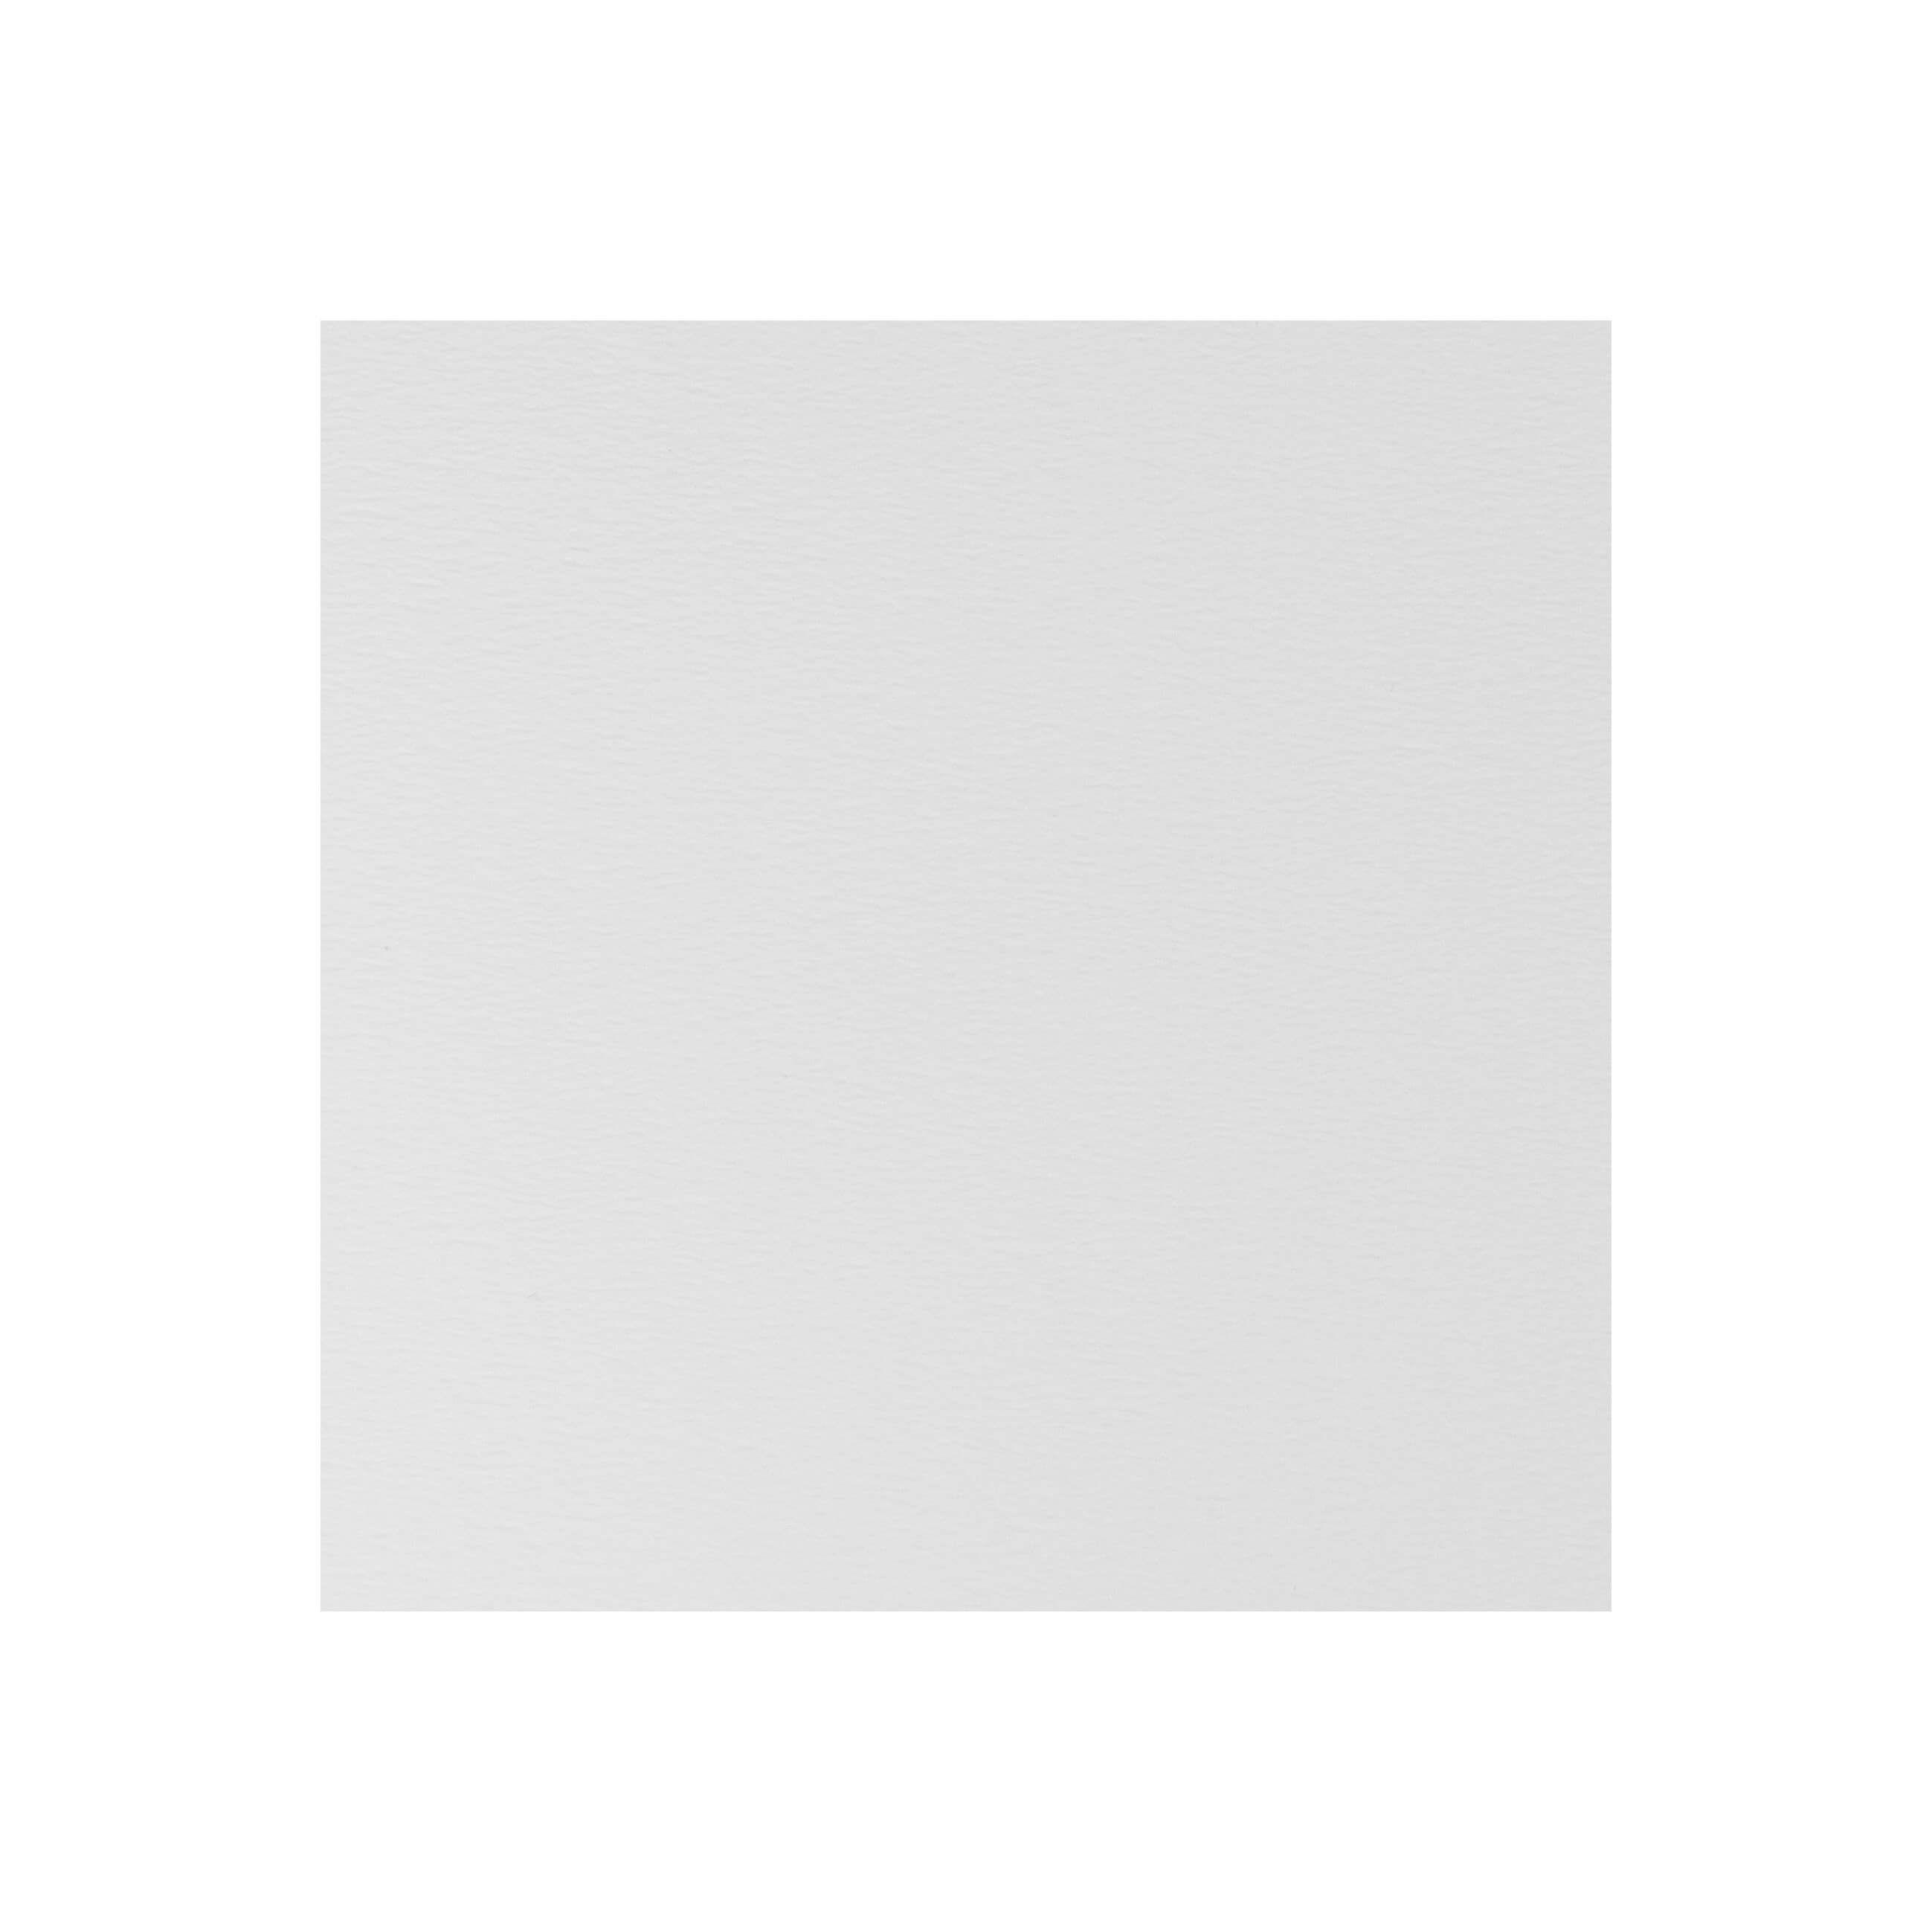 Cardstock 147mm Square - Accent Antique White